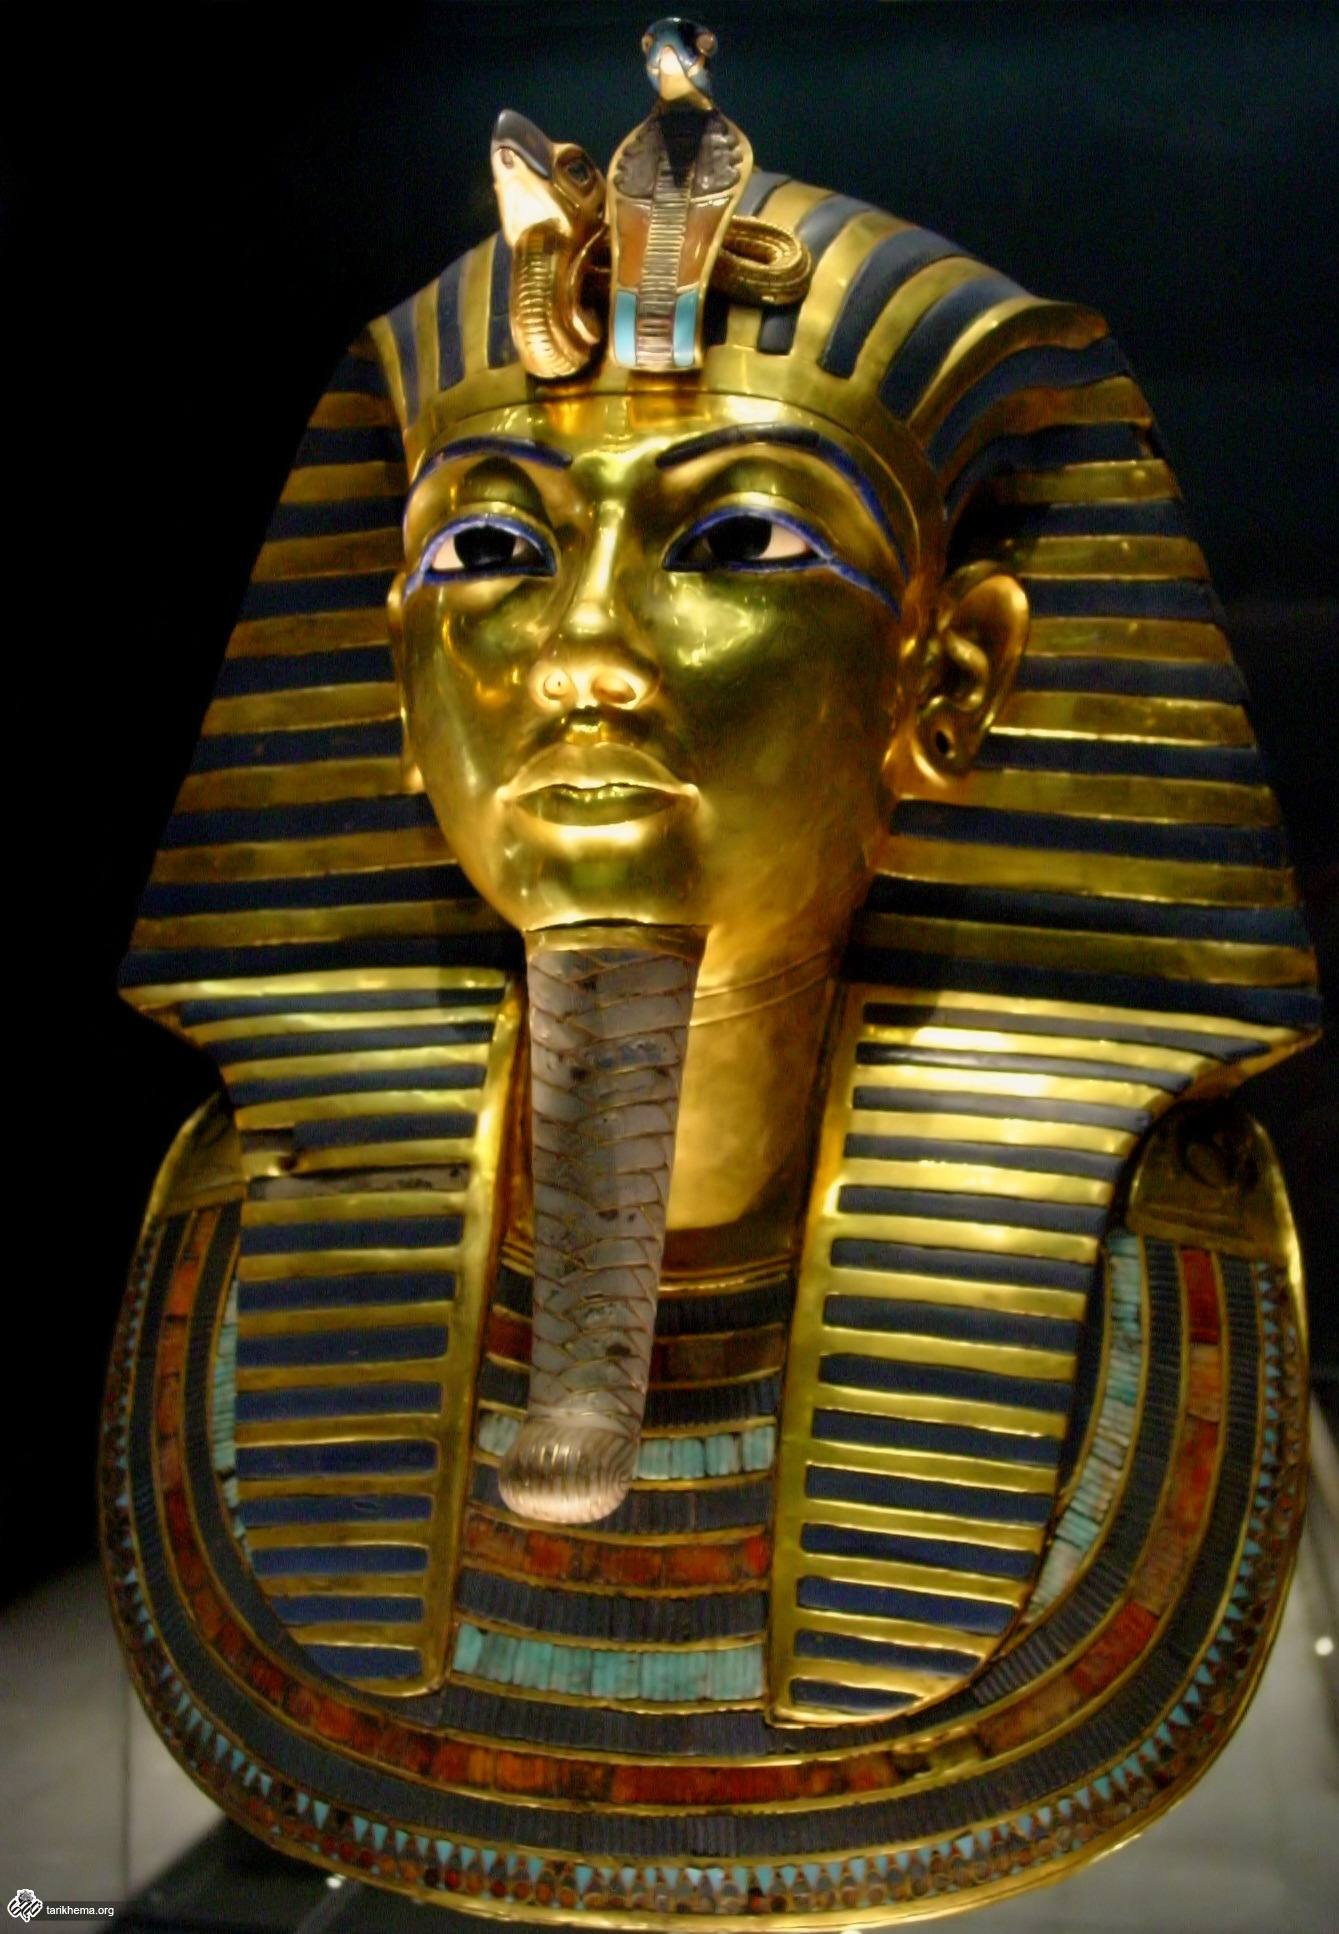 دورۀ میانه مصر و عصر هیکسوس ها